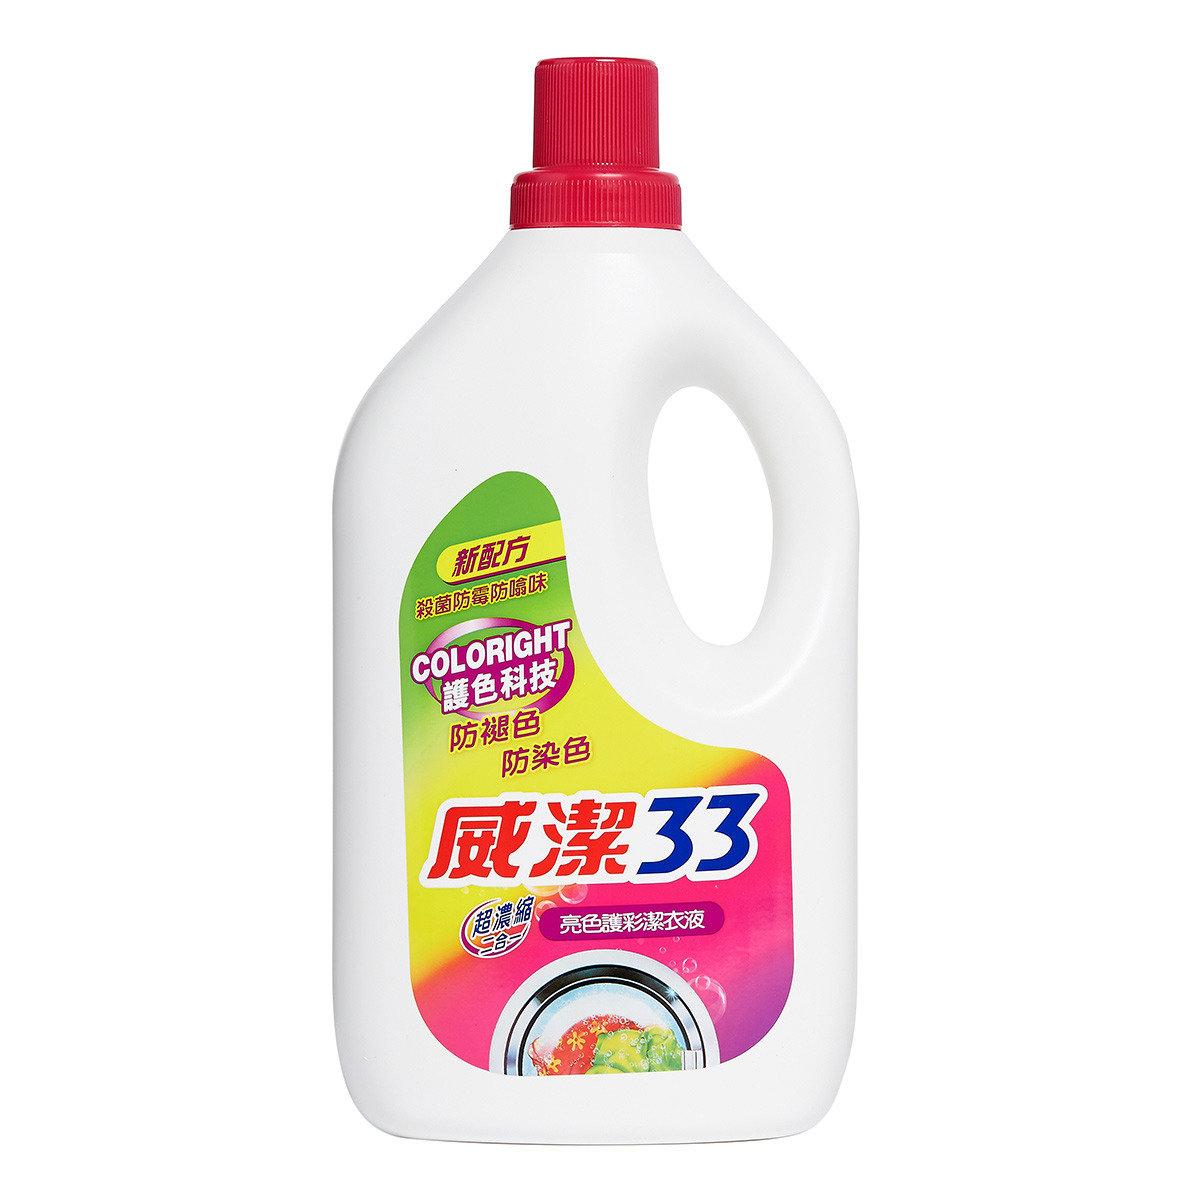 超濃縮二合一亮色護彩潔衣液